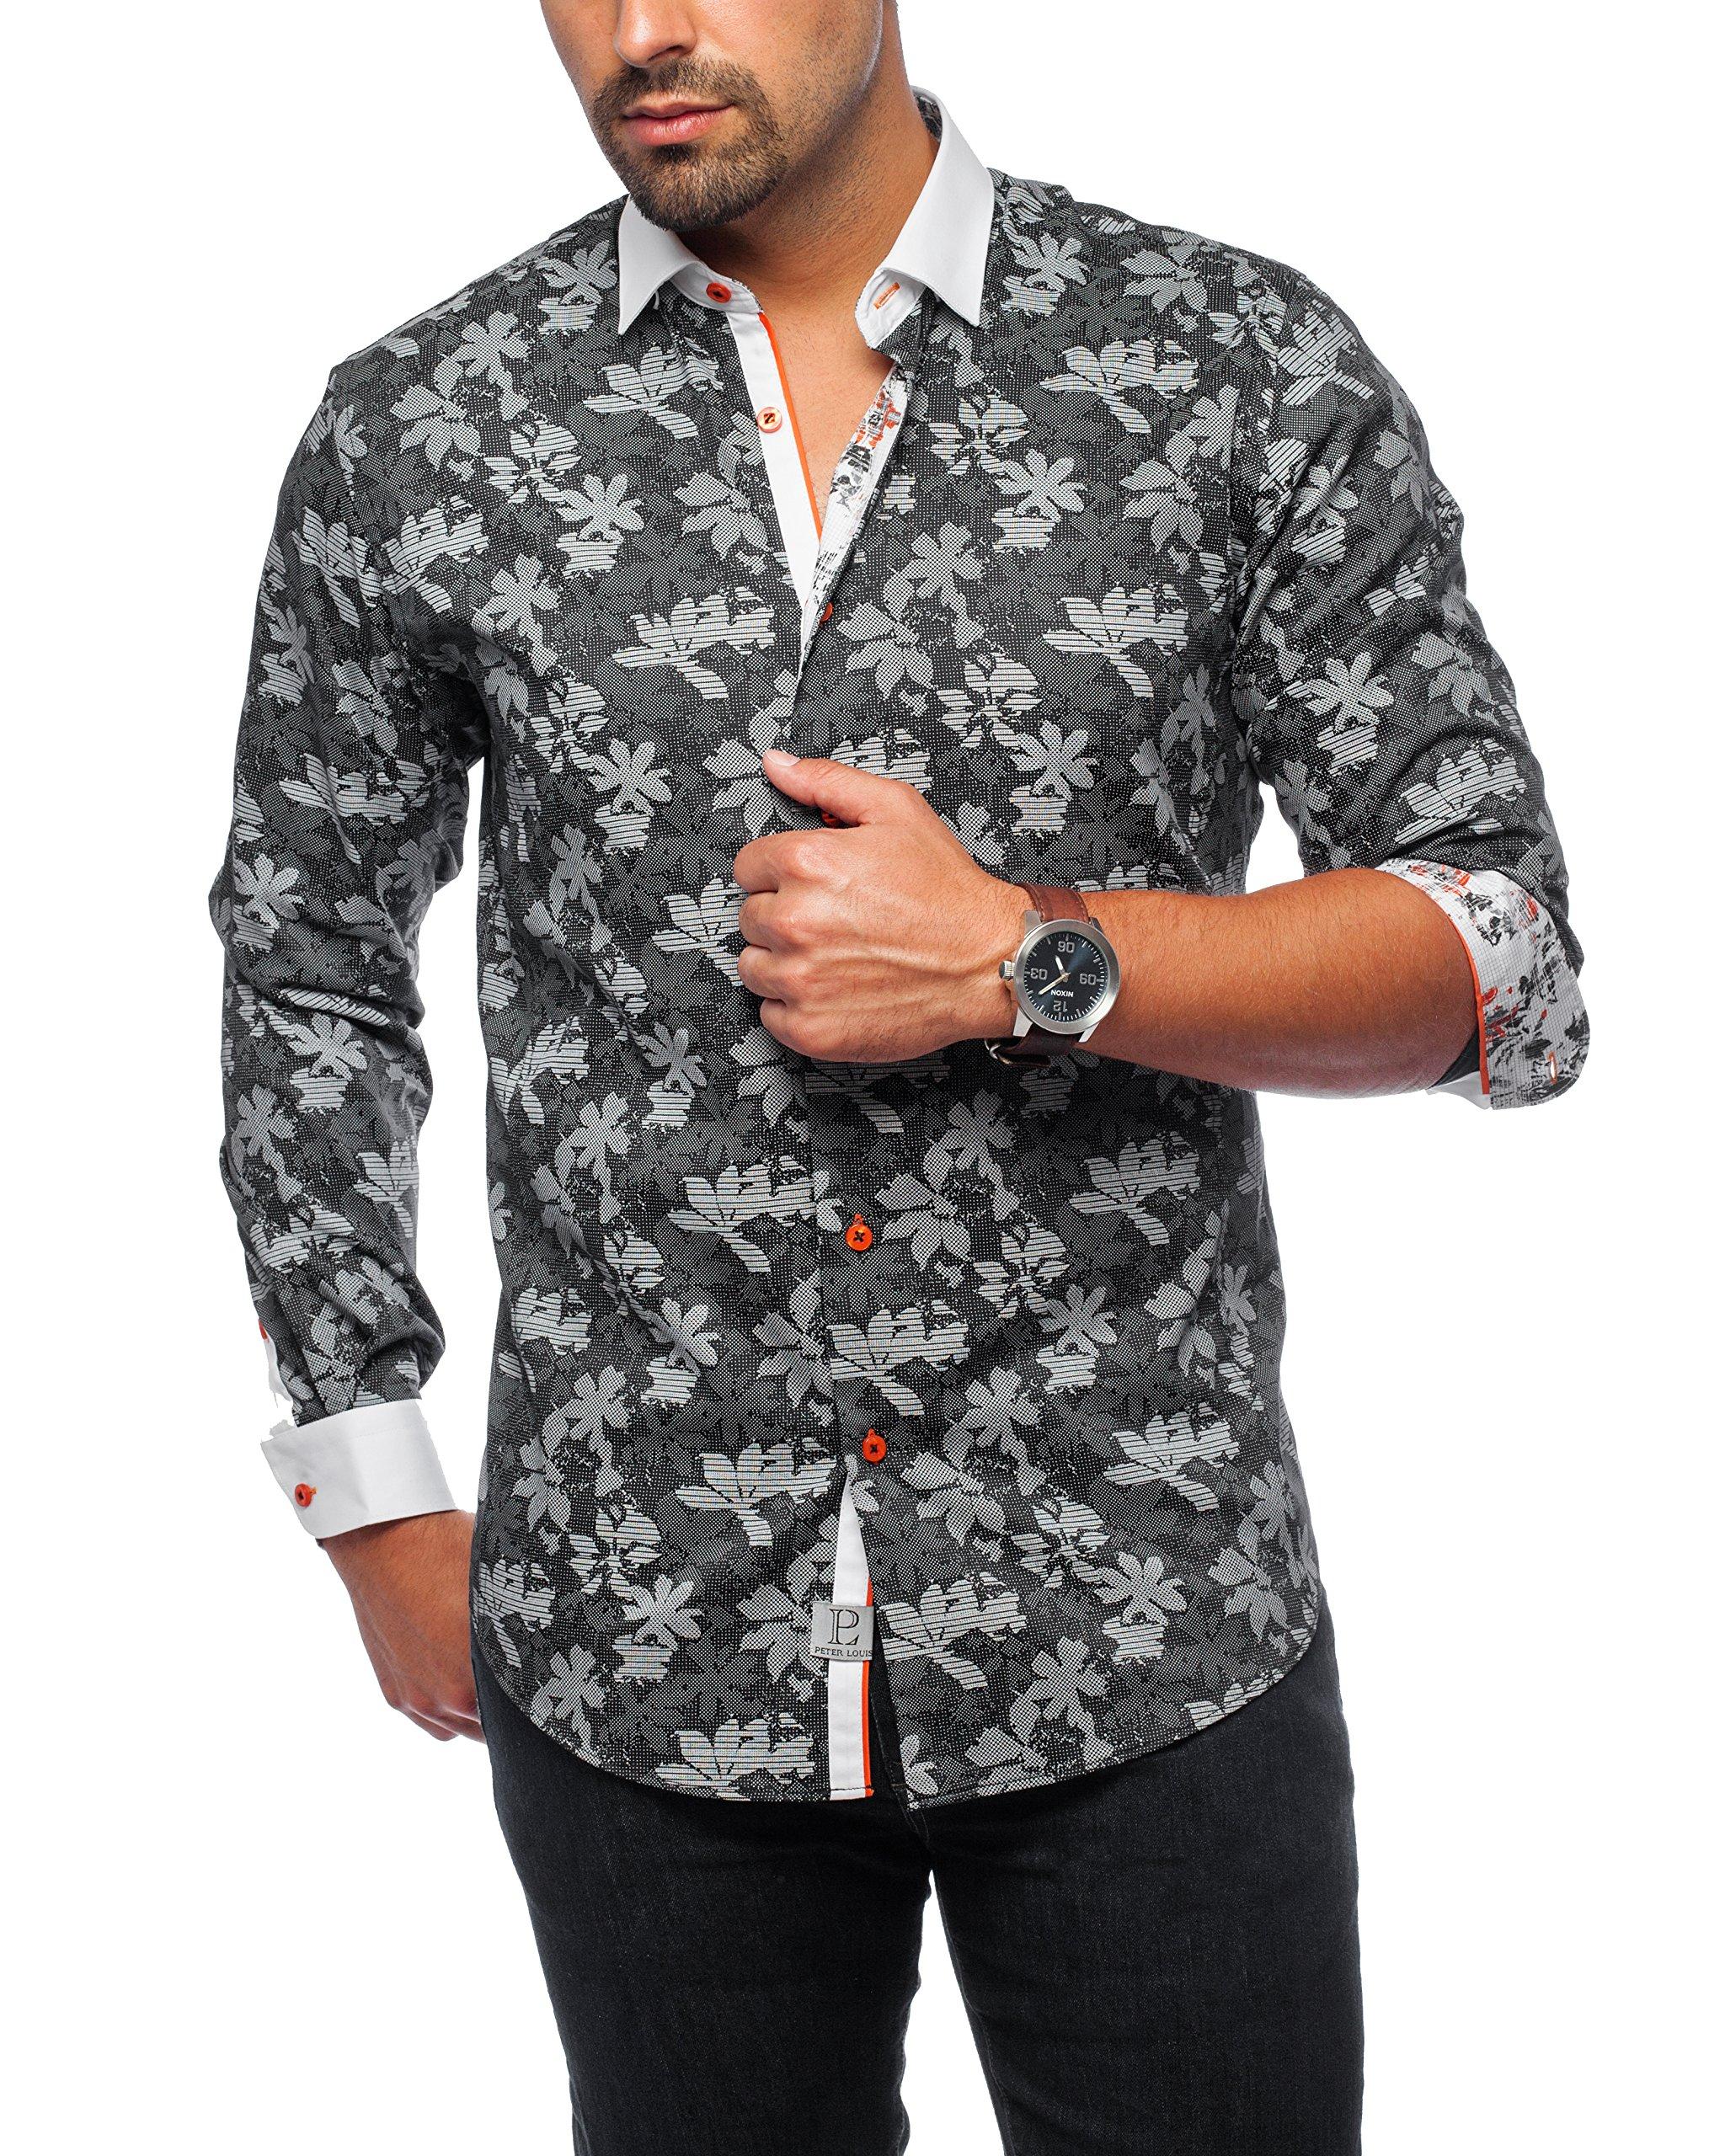 Peter Louis Jet Set Shirt (XLarge, Black) by Peter Louis